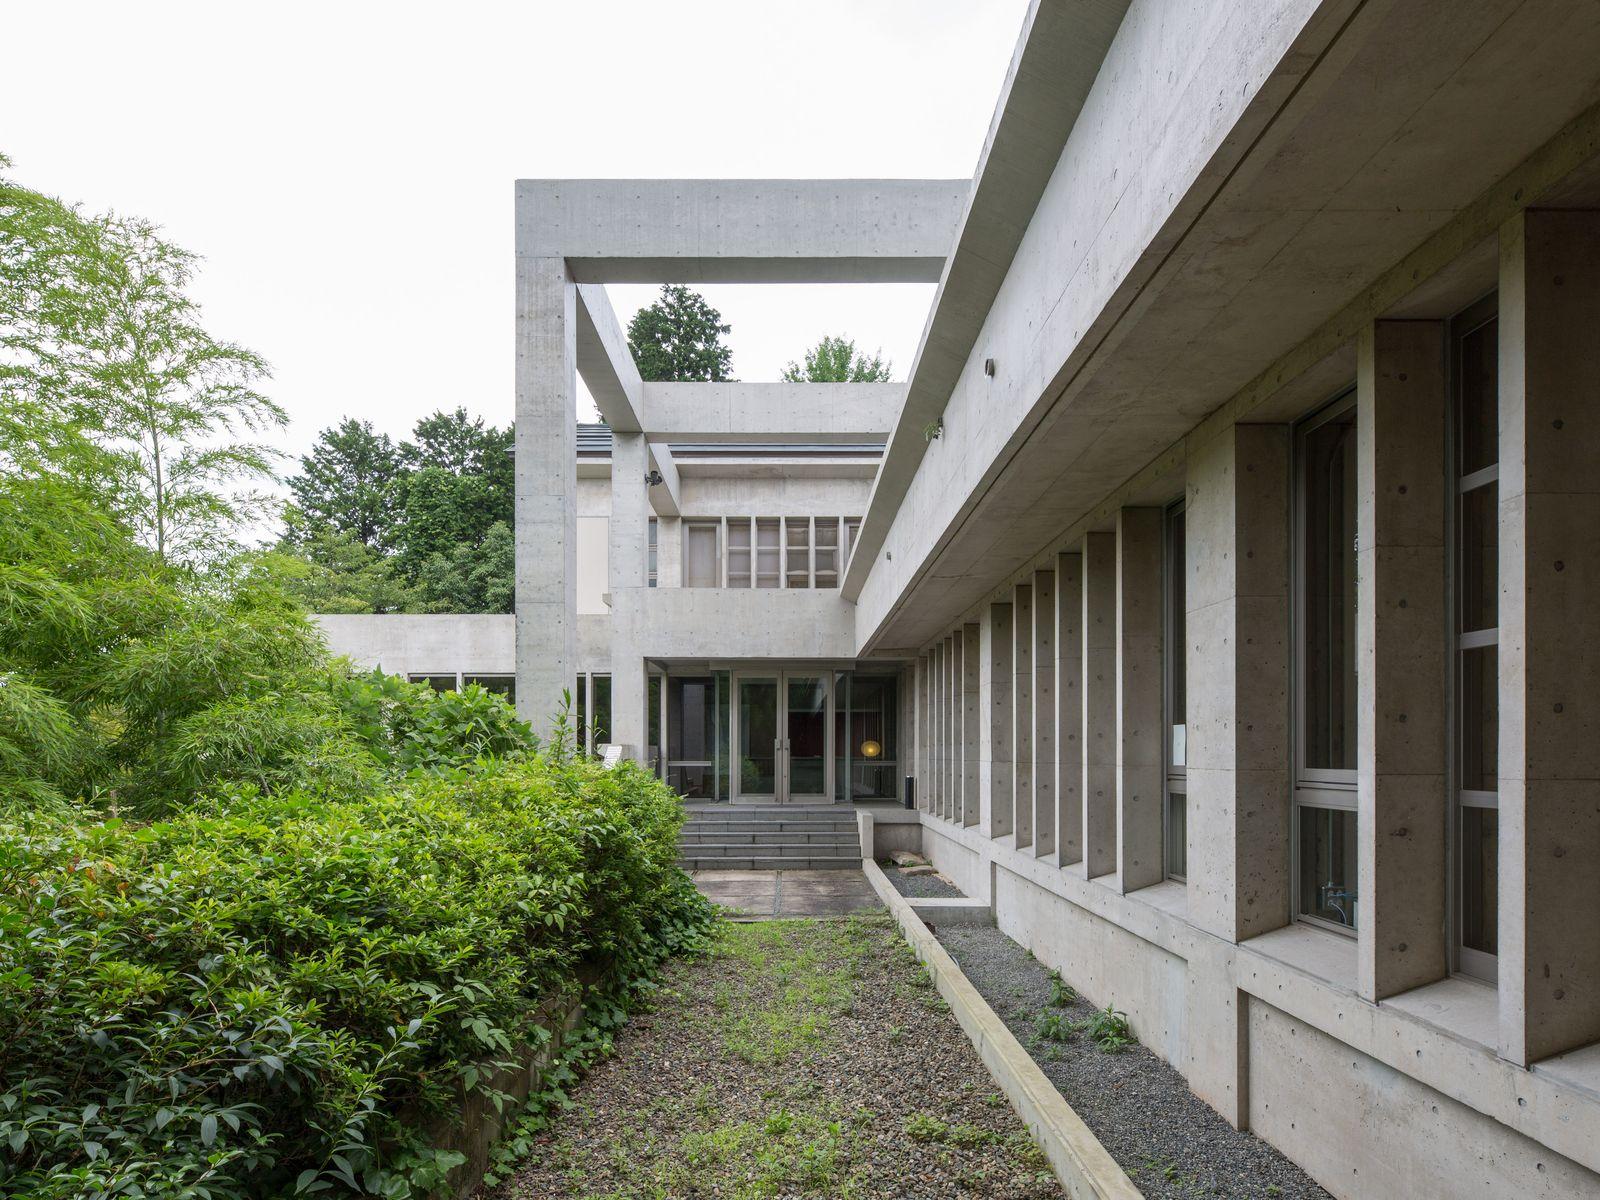 VK2018_vue extérieure bâtiment_Kenryou GU (248)